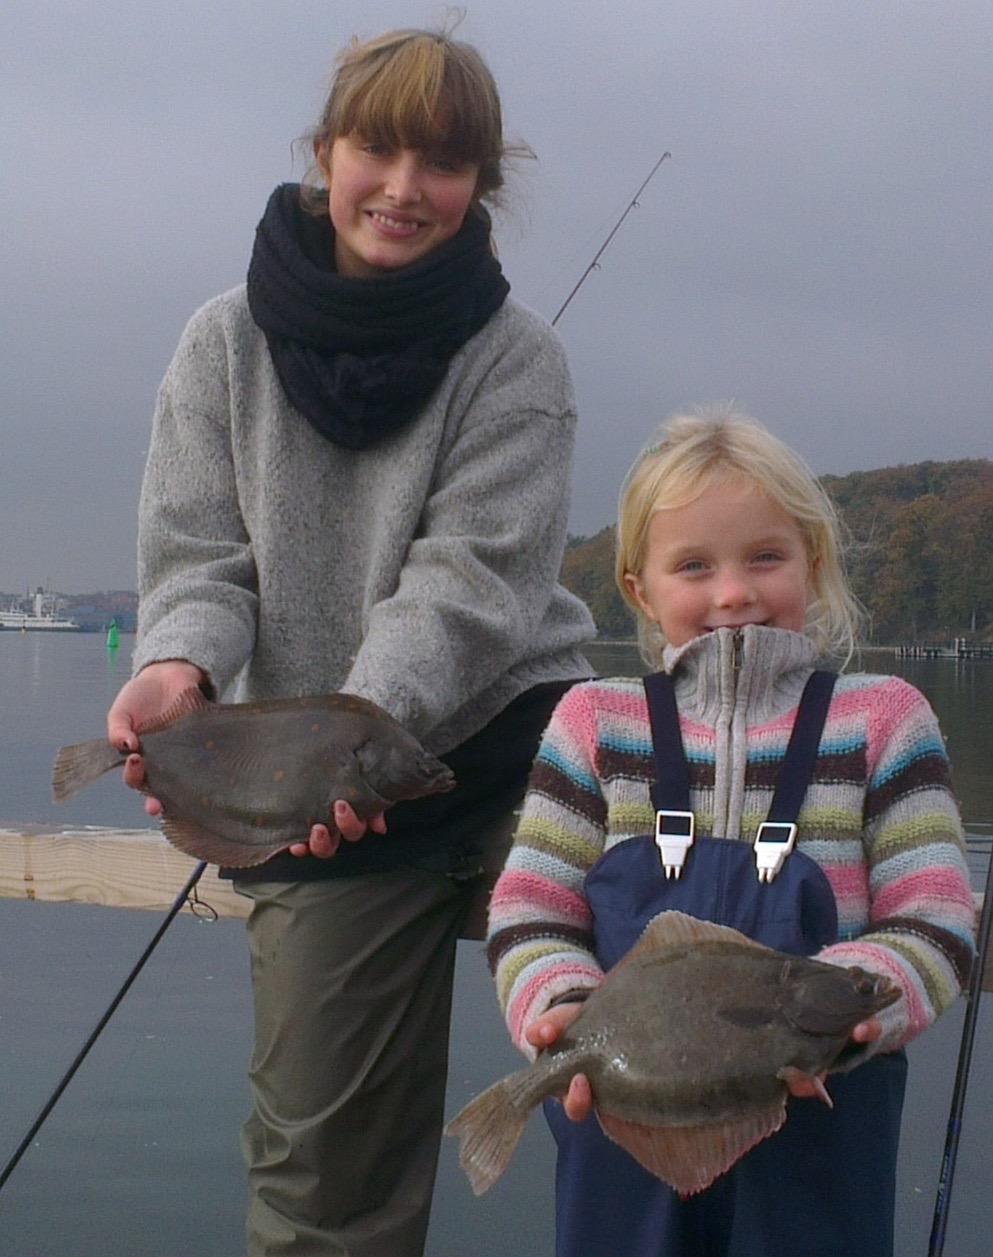 Hvad siger du til en tur med fladfisk på krogen, som børnene kan få med hjem og tilberede i mors køkken? Kutterturen giver rig mulighed for det.